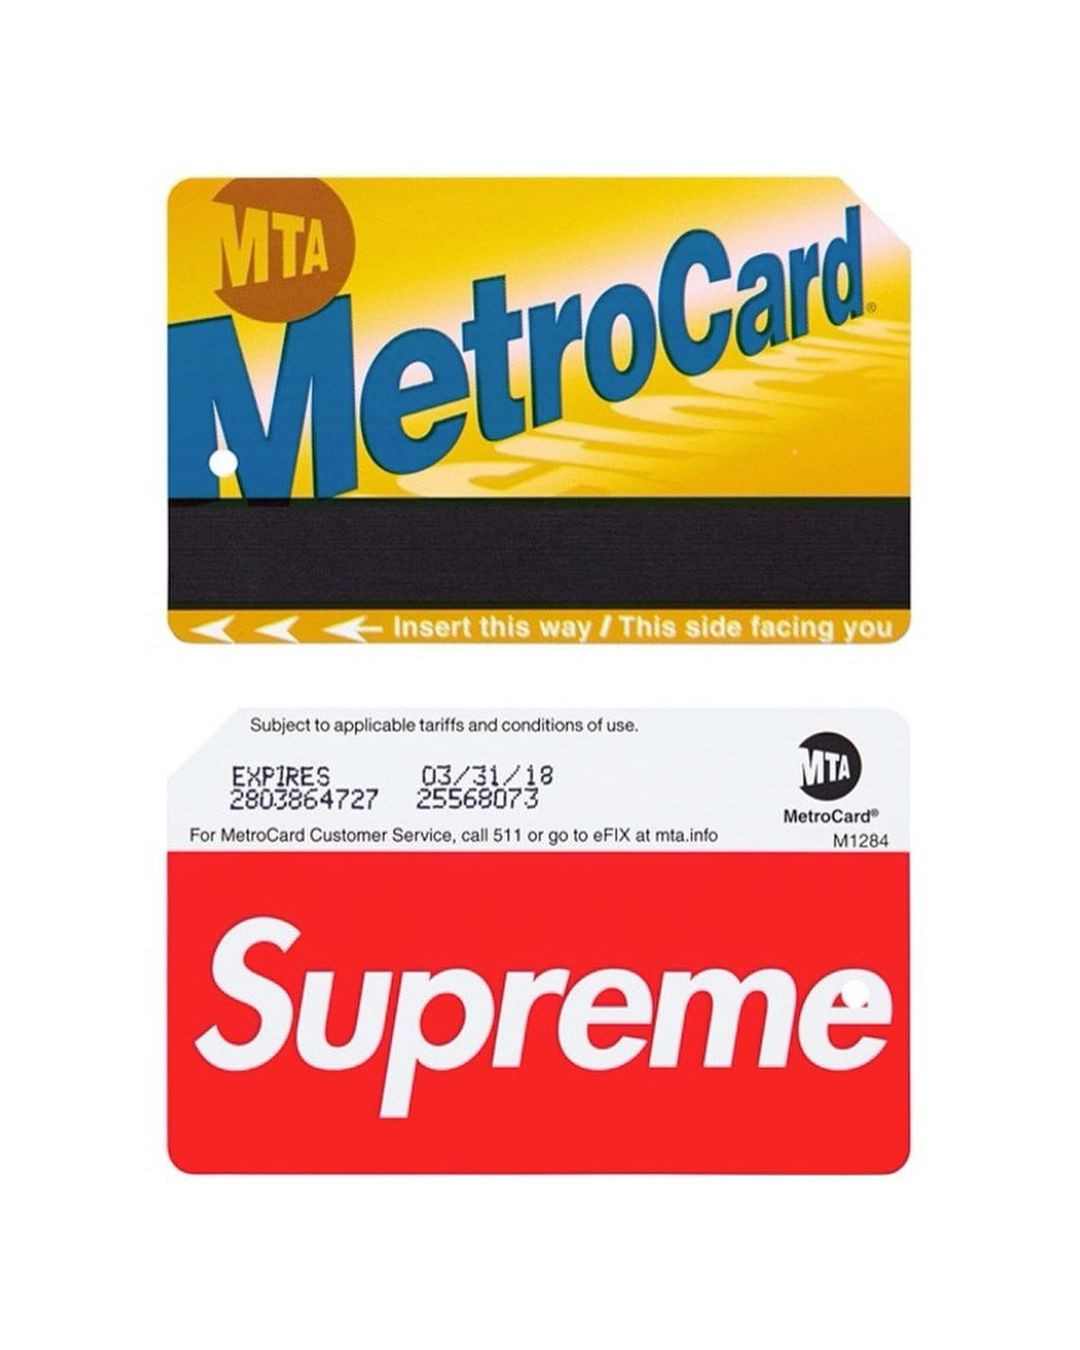 supreme-mta-new-york-metropolitan-transportation-authority-21aw-21fw